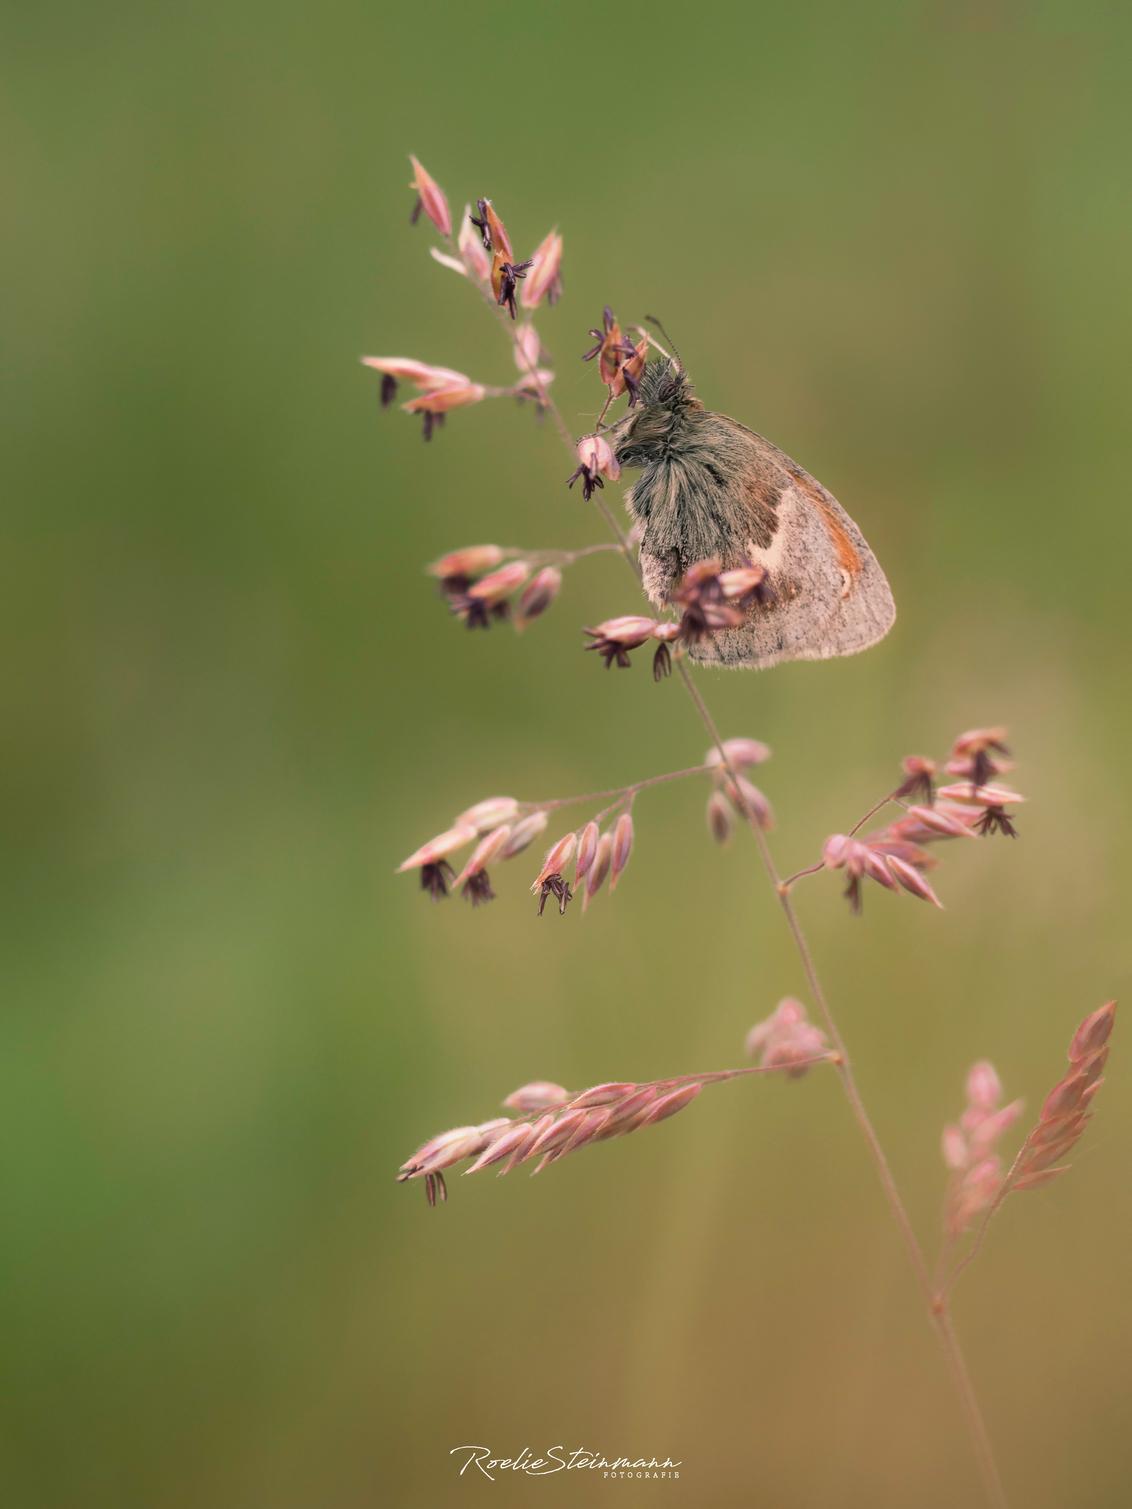 Longing for summer - Zo af en toe kom ik nog wat leuks tegen in mijn mappen van het afgelopen jaar. Ik hoop dat het komend jaar net zo'n mooi vlinder jaar gaat worden.  - foto door steinmann.rp op 08-01-2018 - deze foto bevat: groen, macro, wit, zon, bloem, lente, natuur, vlinder, geel, licht, oranje, zomer, insect, dof, bokeh